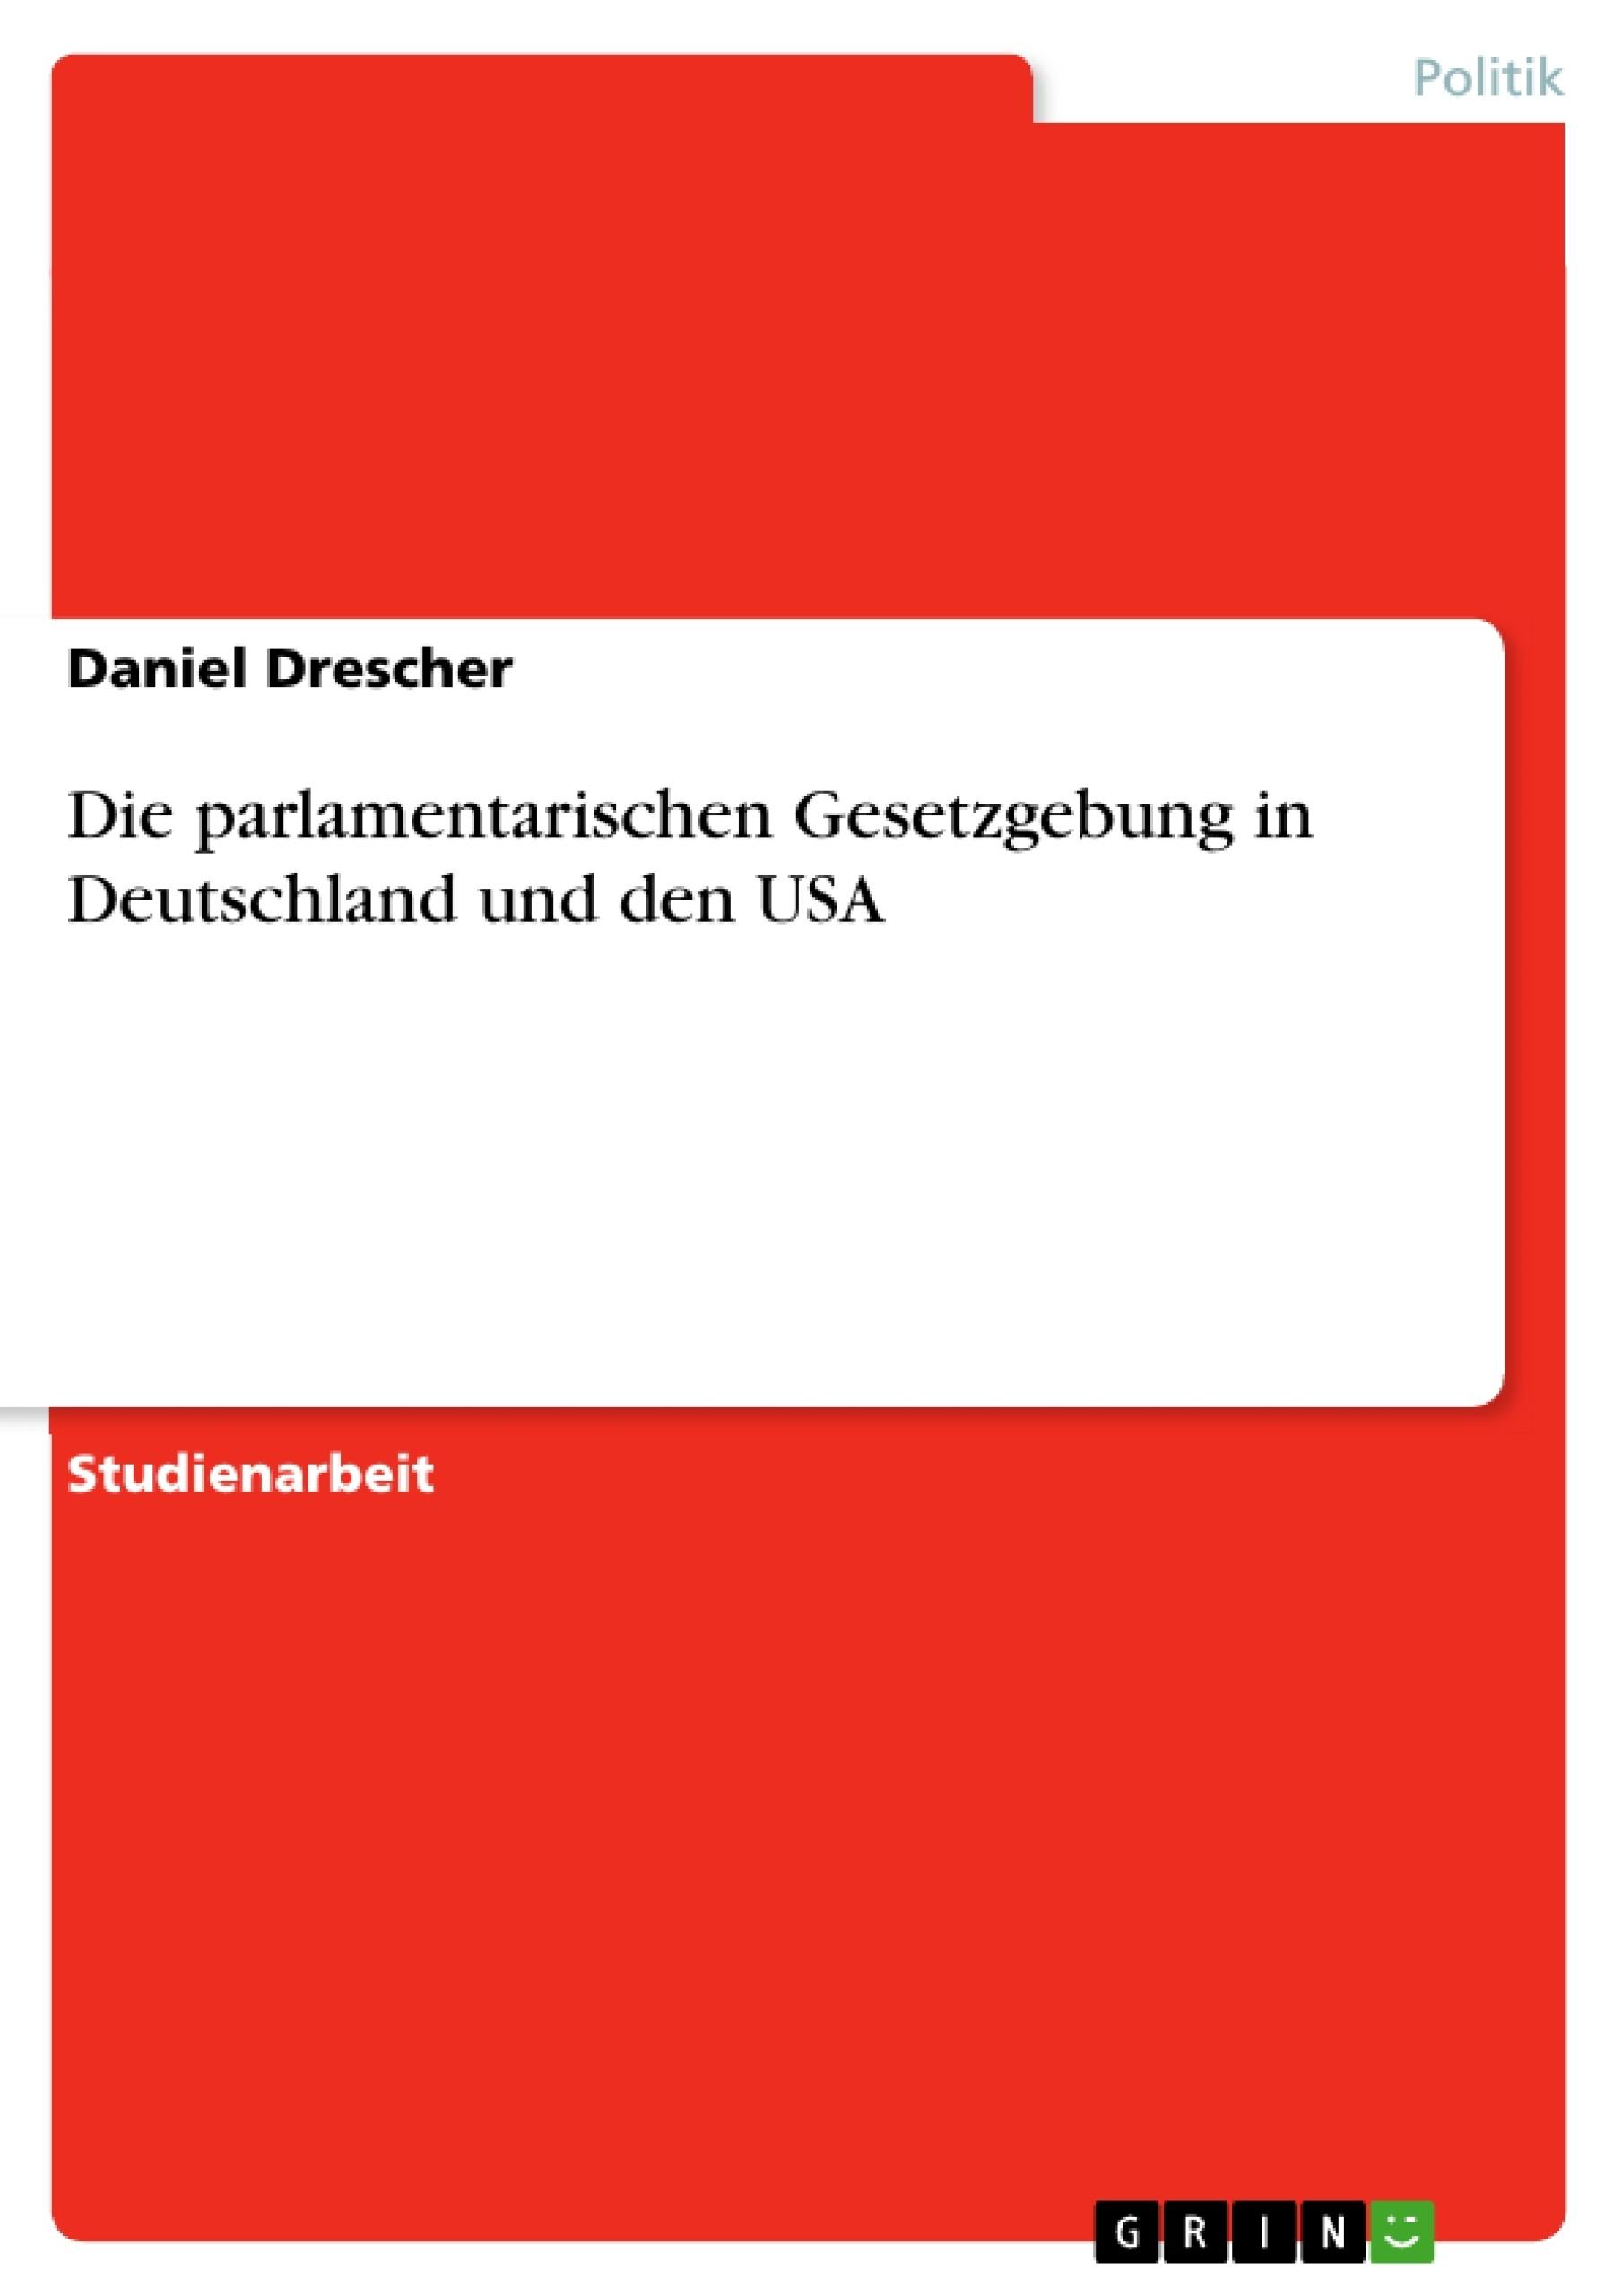 Titel: Die parlamentarischen Gesetzgebung in Deutschland und den USA